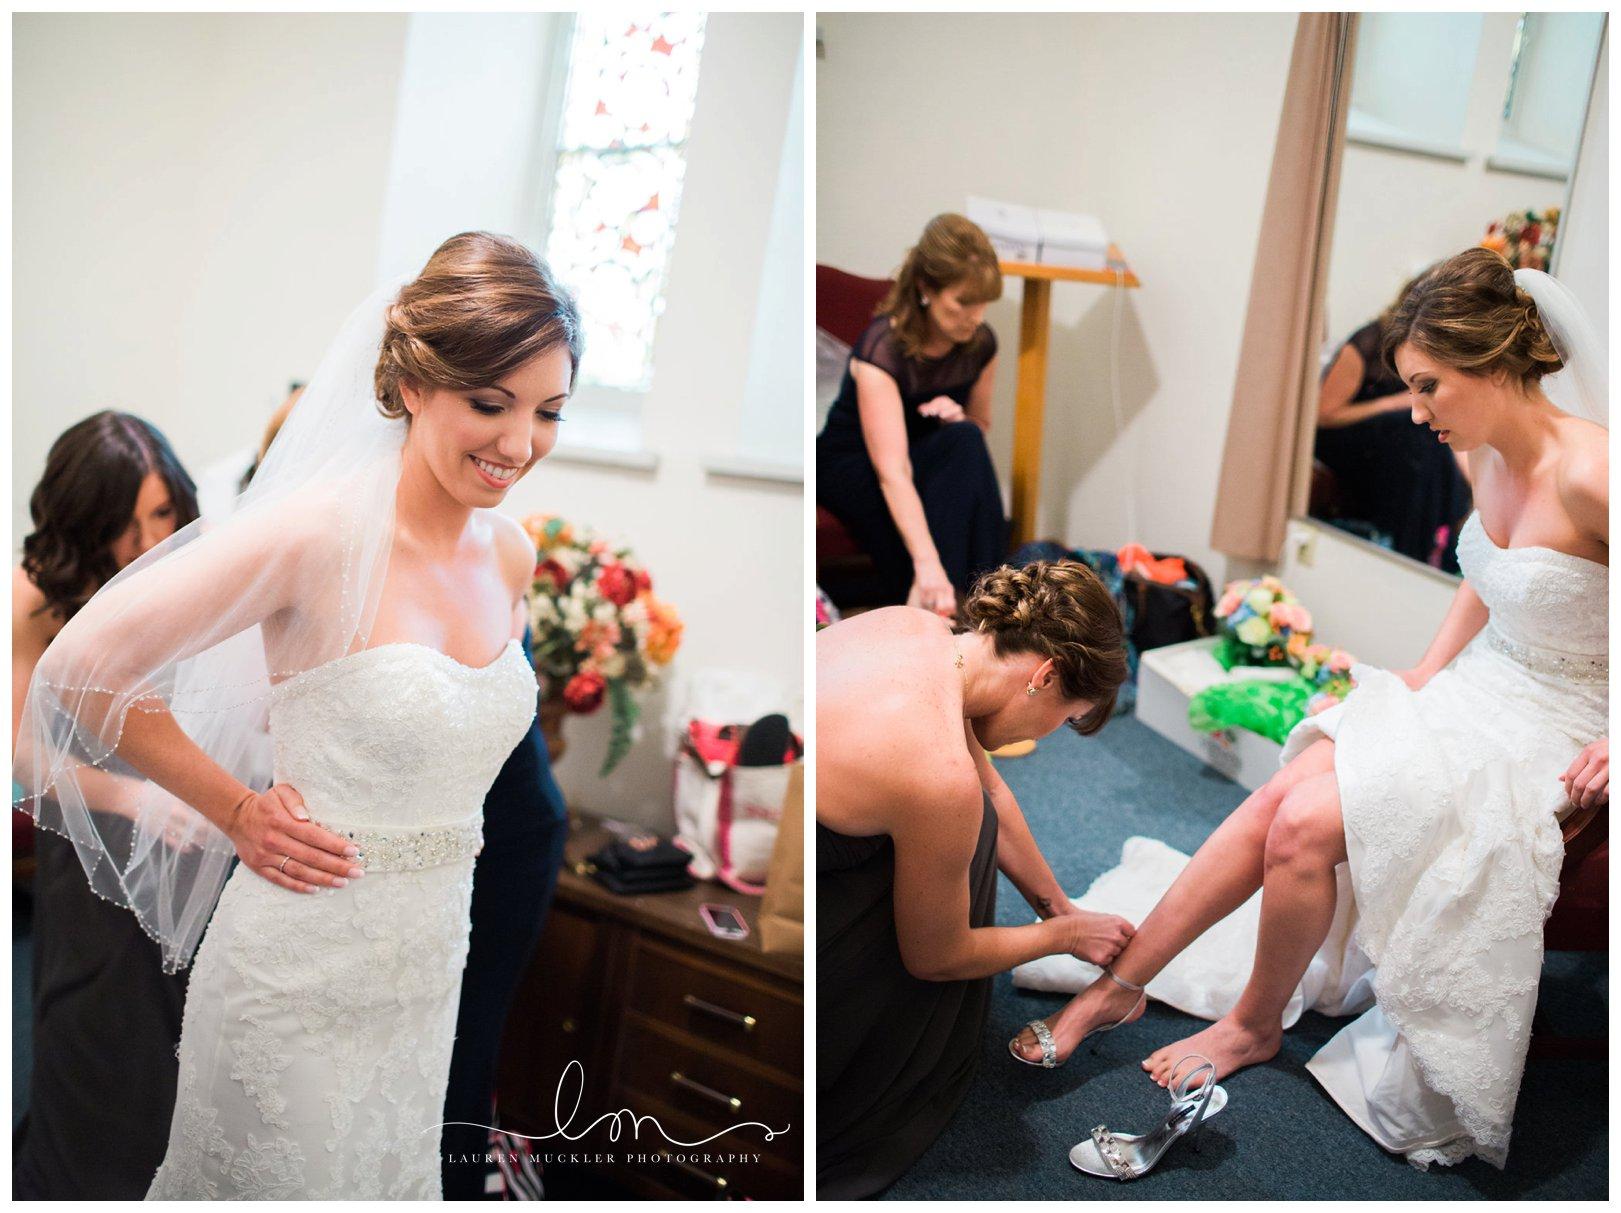 lauren muckler photography_fine art film wedding photography_st louis_photography_0002.jpg